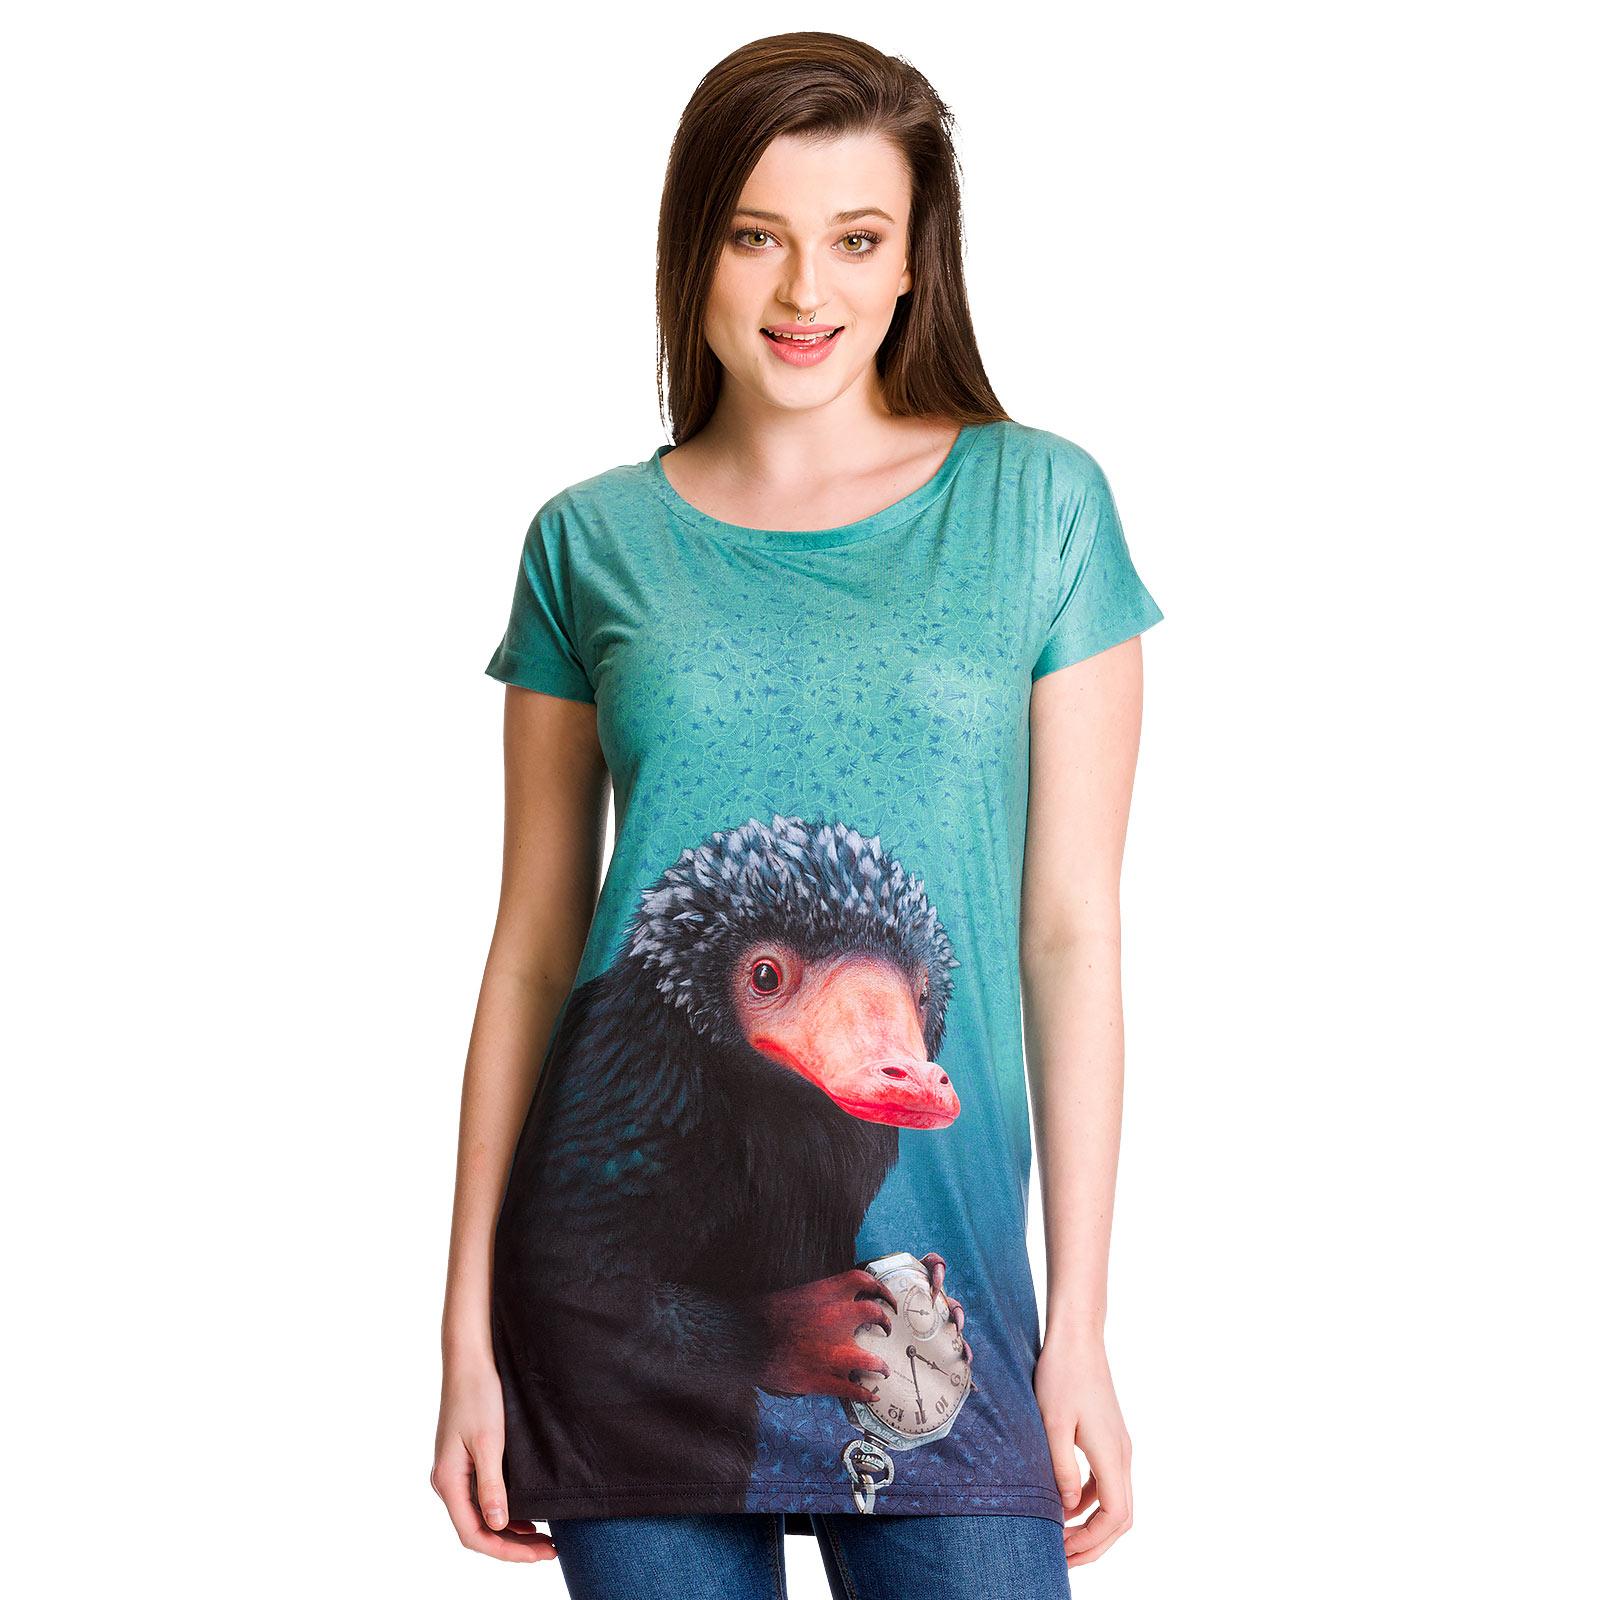 Niffler - Phantastische Tierwesen Girlie Shirt Loose Fit